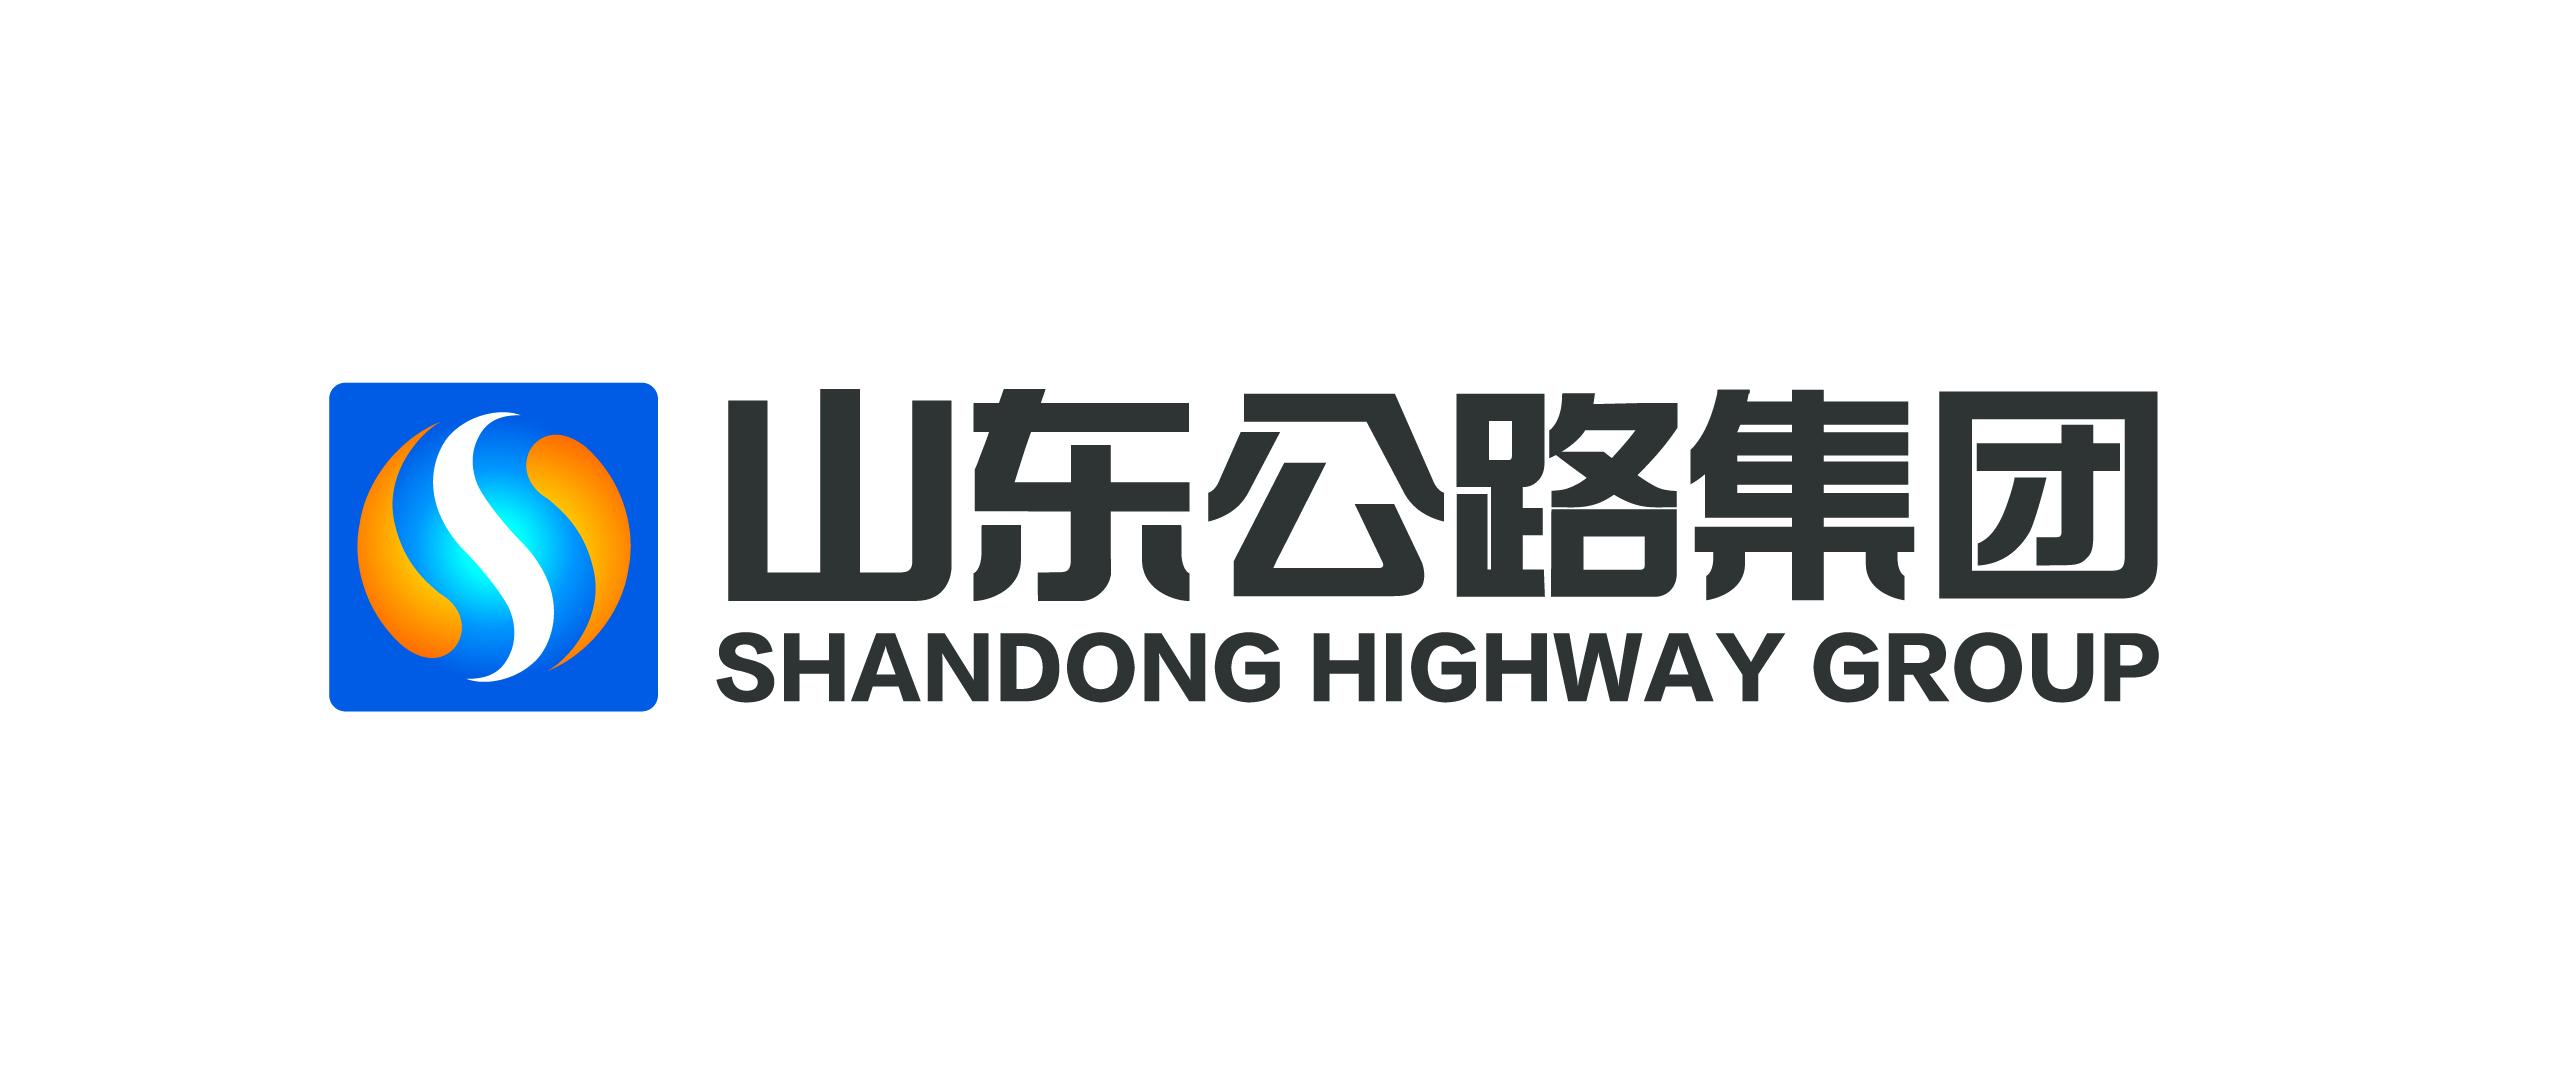 山東省公路建設(集團)有限公司